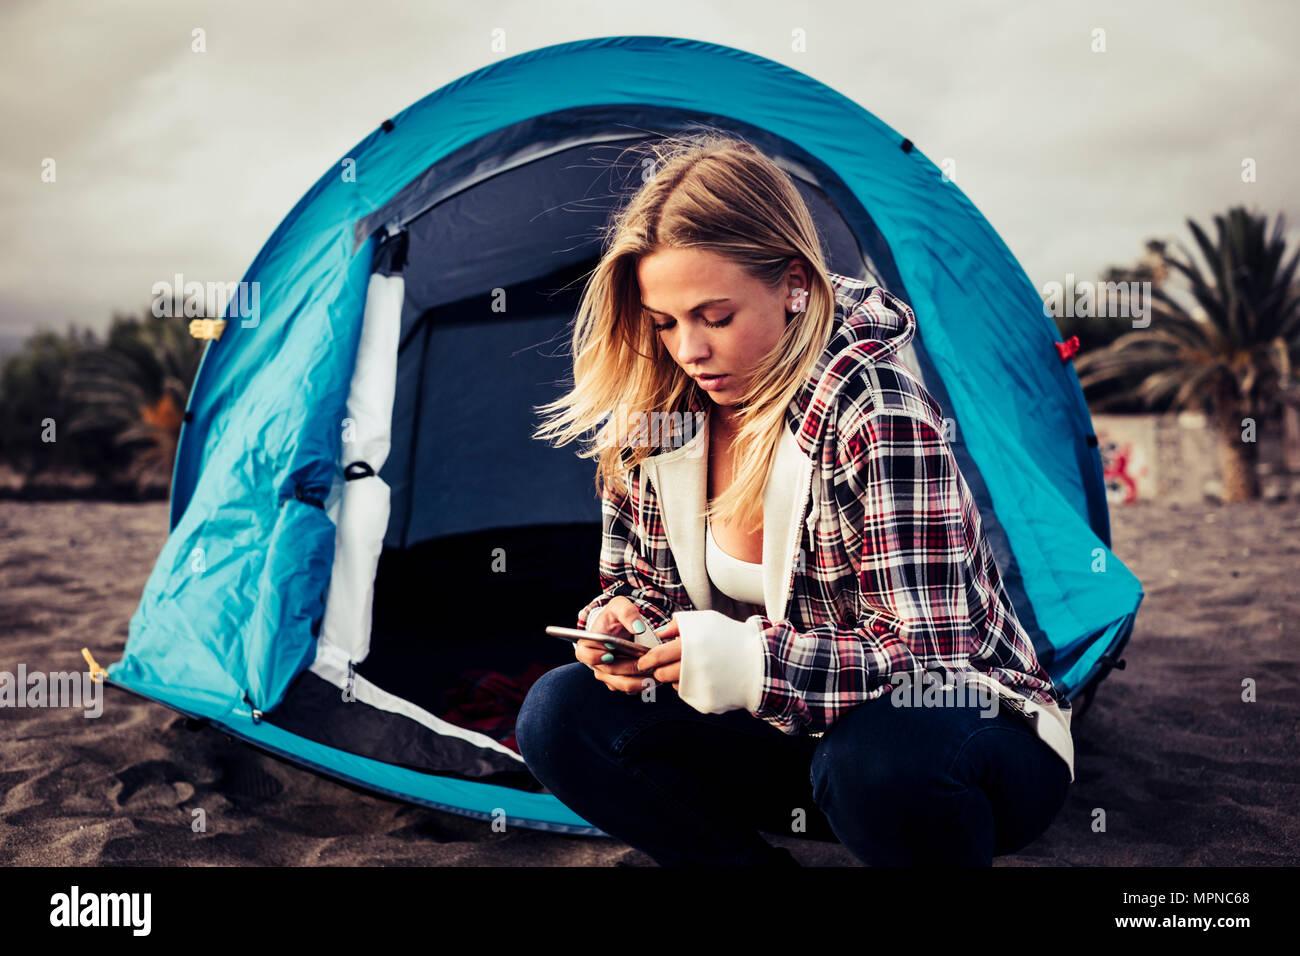 Immer mit Technologie blonde junge Frau Aufenthalt ausserhalb von ihr Zelt auf den Strand, die Freiheit von der Arbeit zu genießen. Stockbild